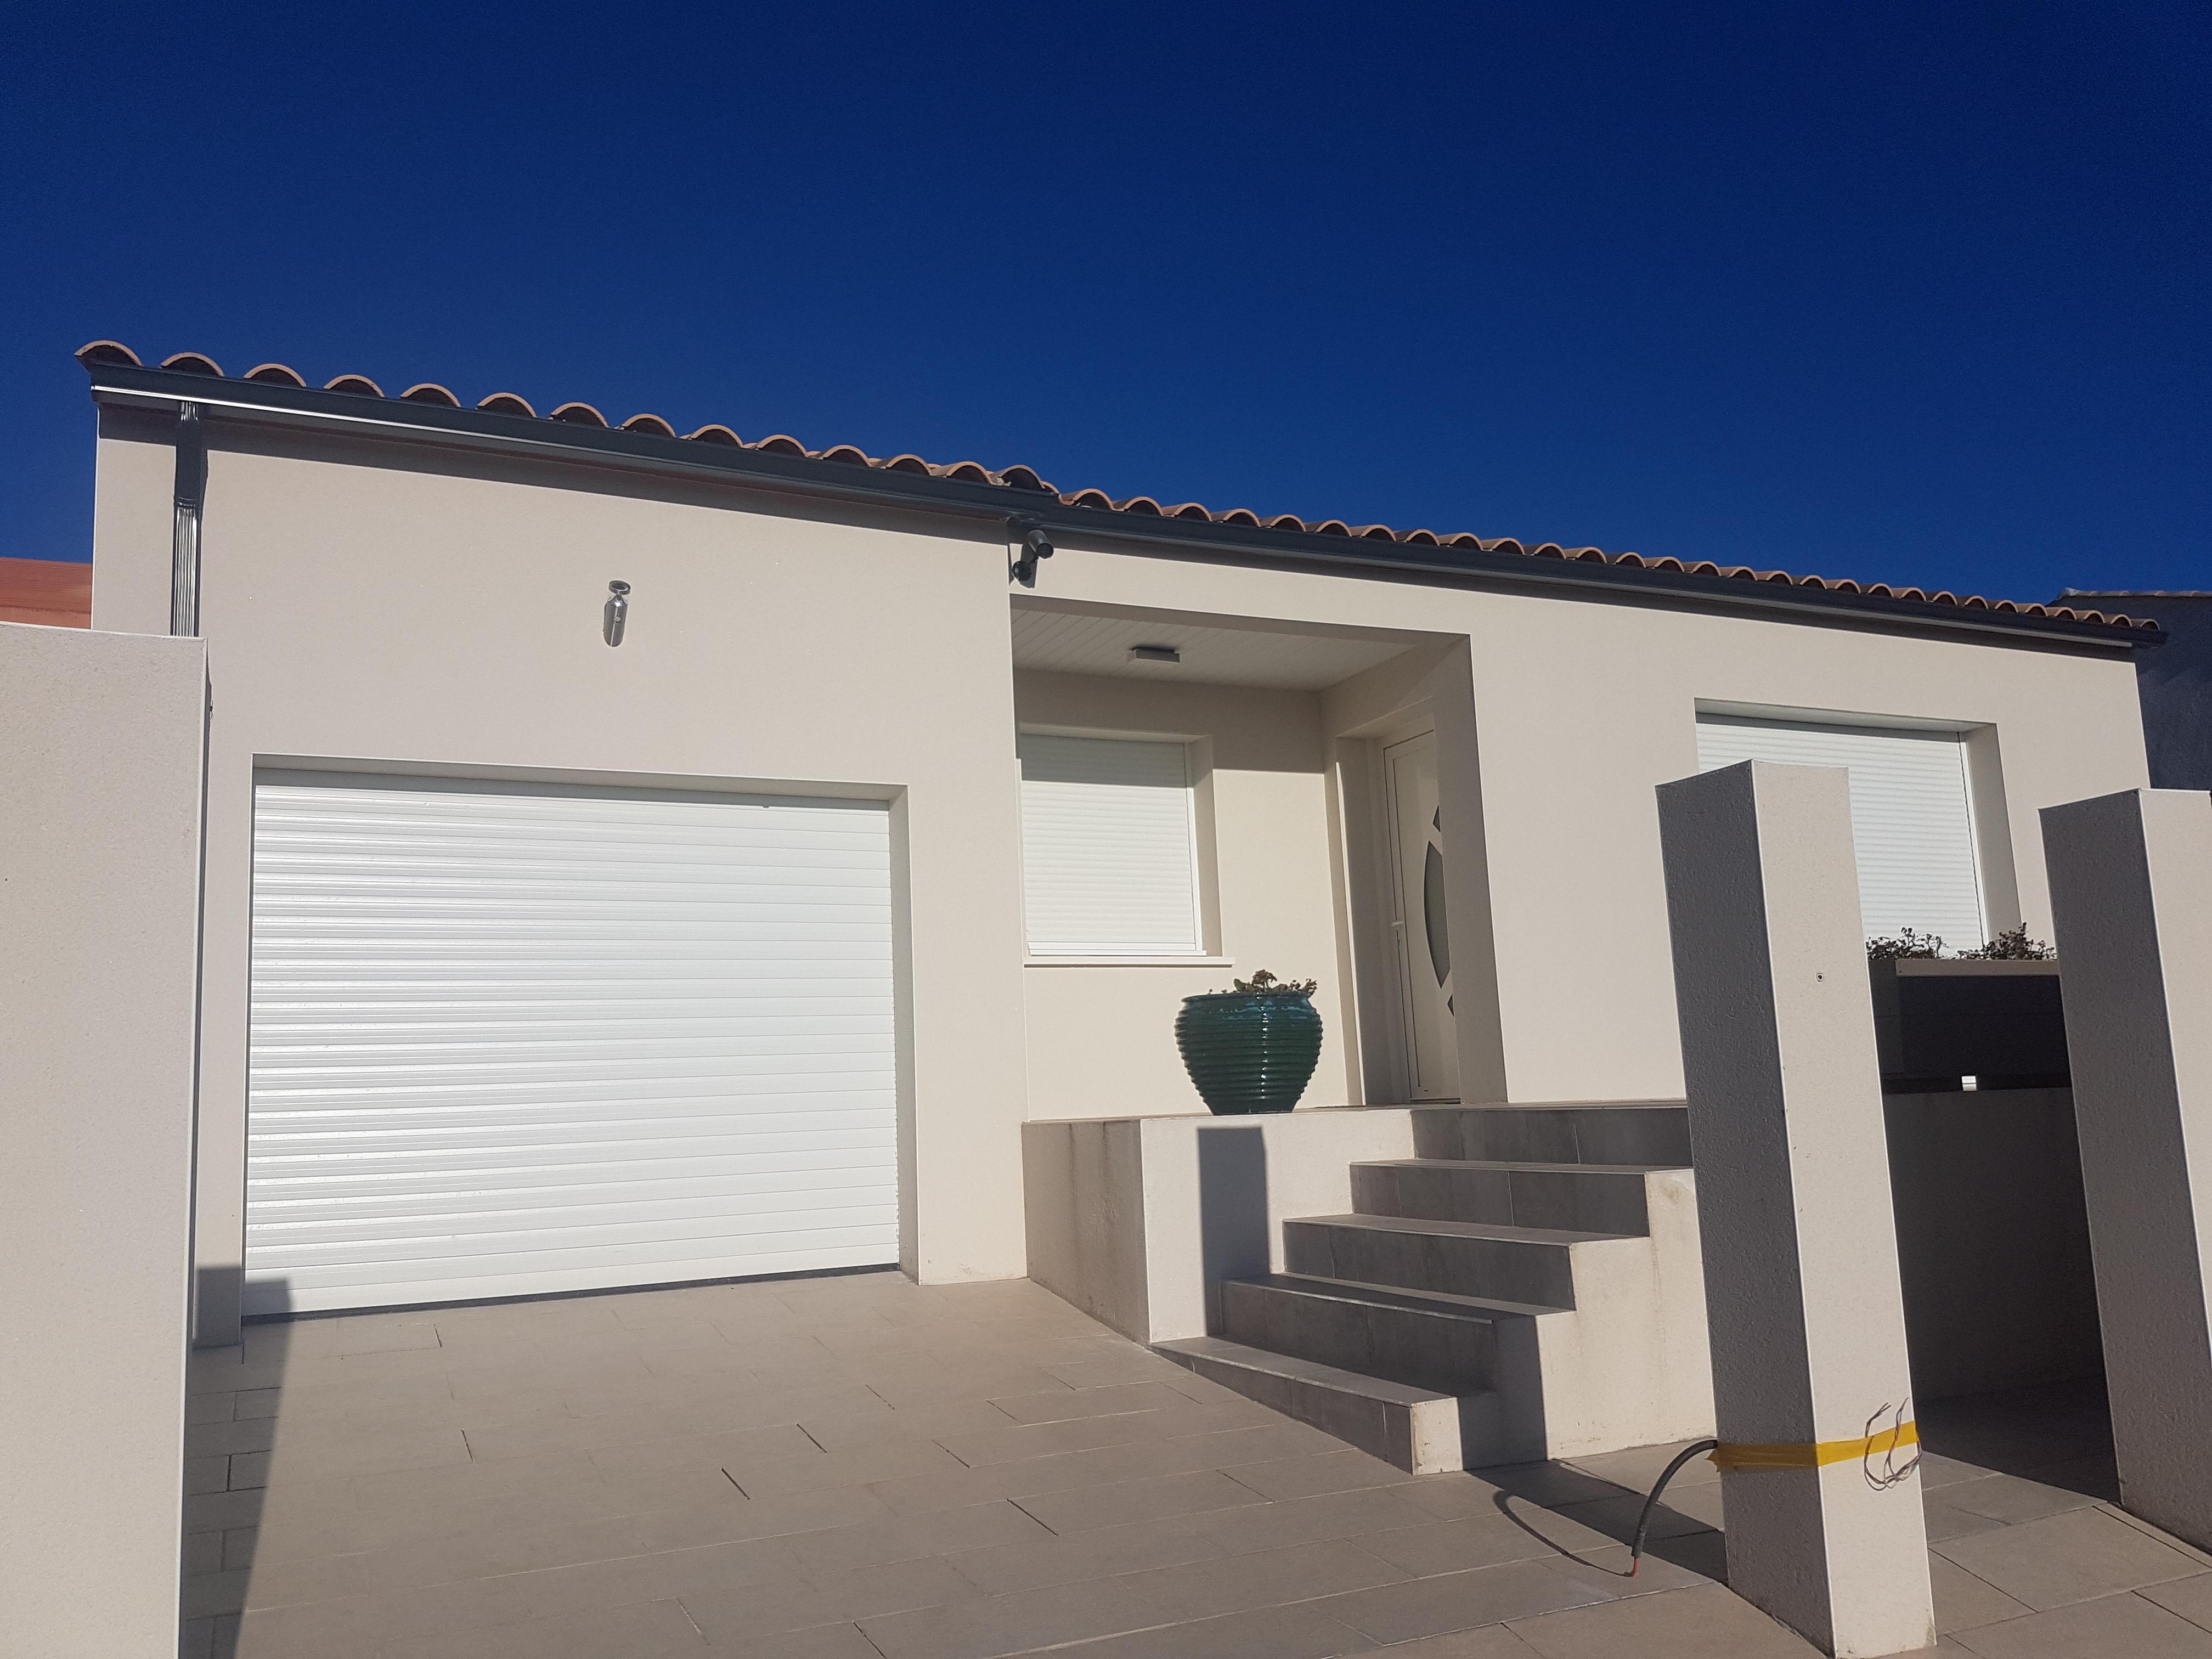 Maisons + Terrains du constructeur MAISONS FRANCE BATIMENT • 94 m² • NISSAN LEZ ENSERUNE